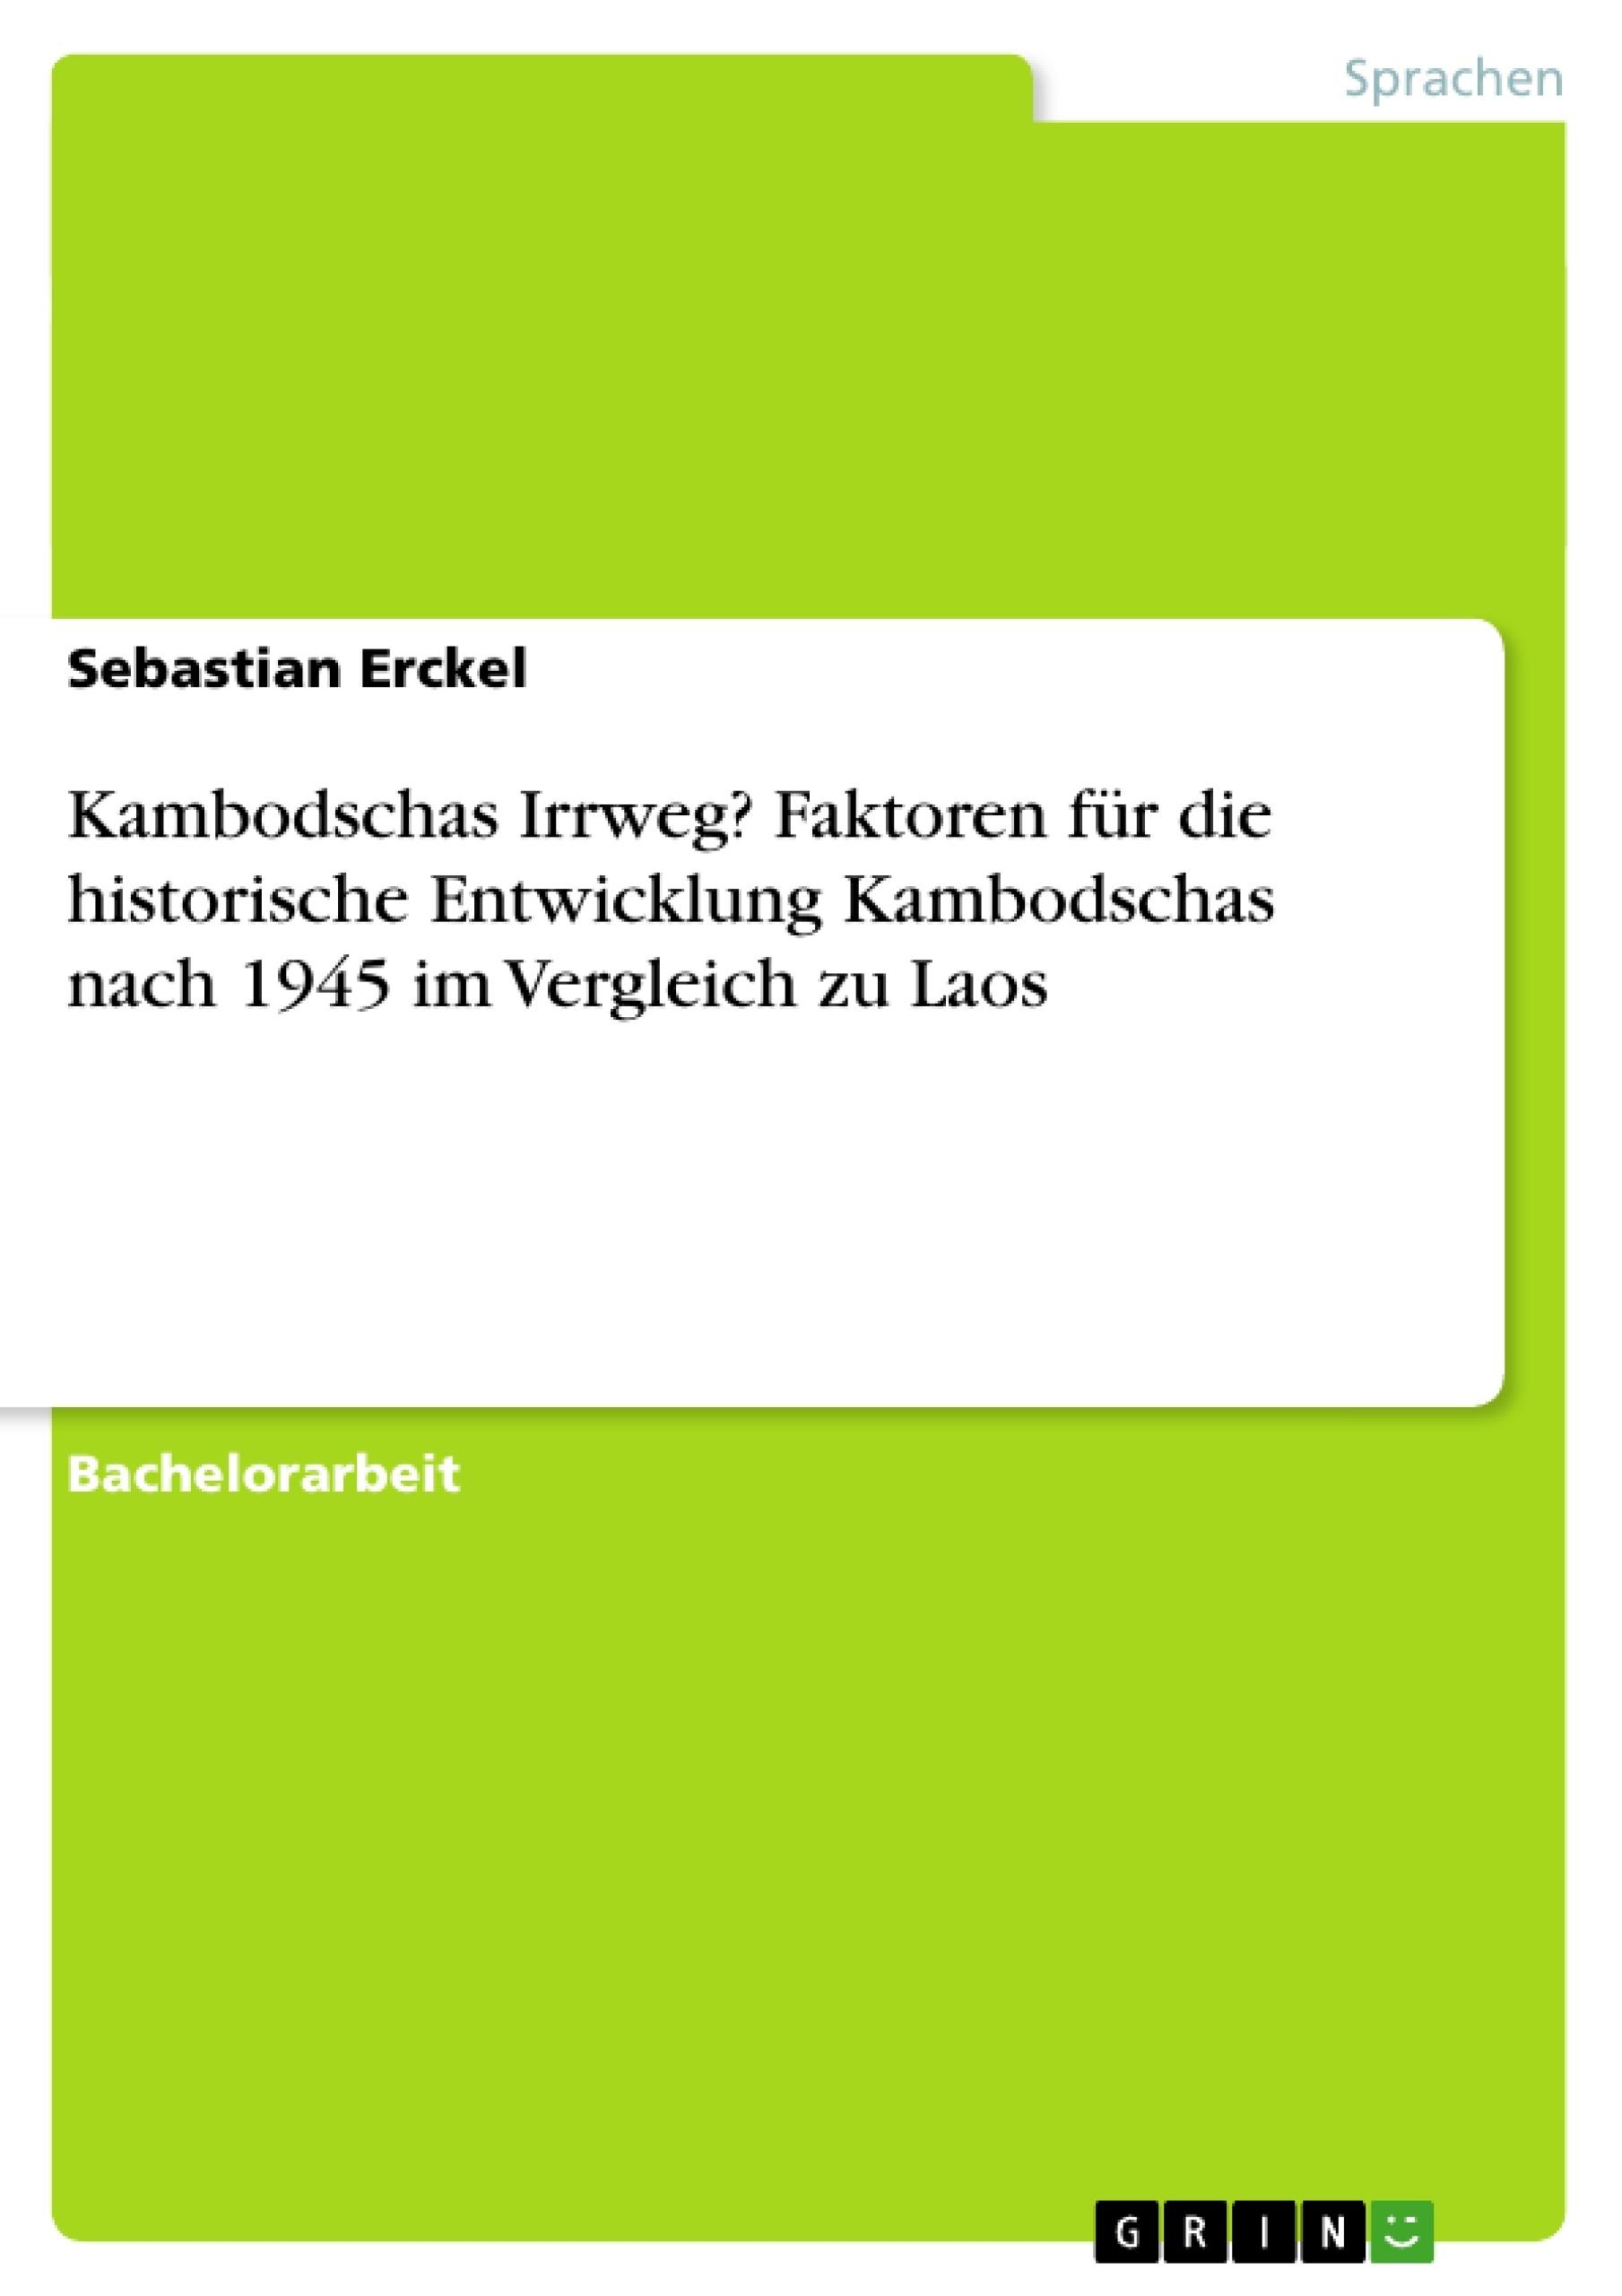 Titel: Kambodschas Irrweg? Faktoren für die historische Entwicklung Kambodschas nach 1945 im Vergleich zu Laos